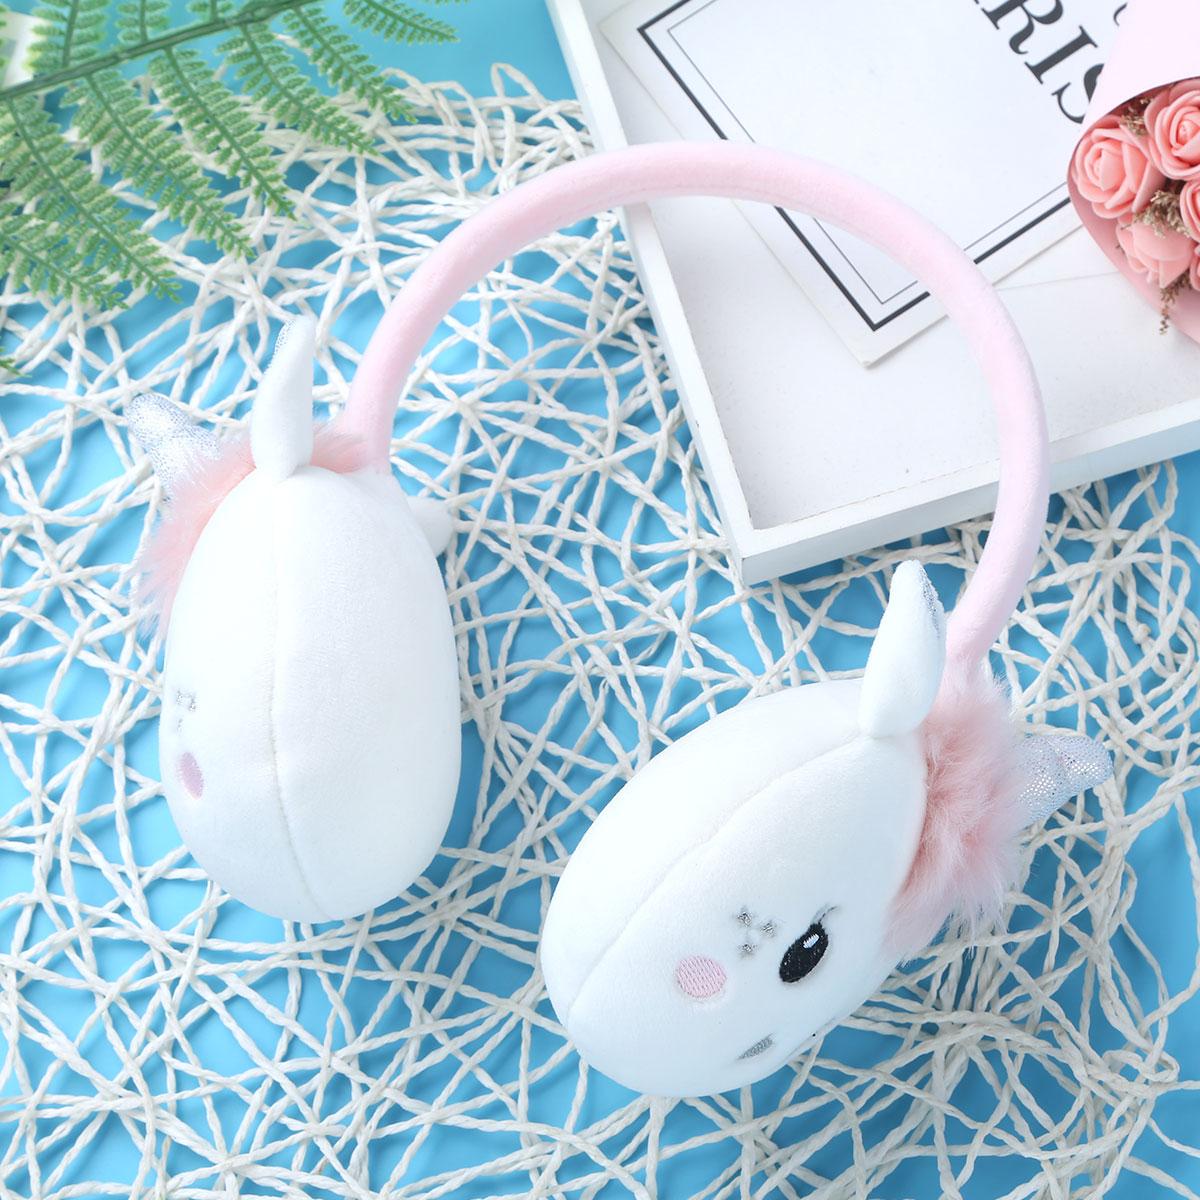 Earmuffs Kids Girls Winter Outdoor Sports Windproof Warm Cute Cartoon Animal Ears Horn Adjustable Earmuffs Ear Warmers Earflap